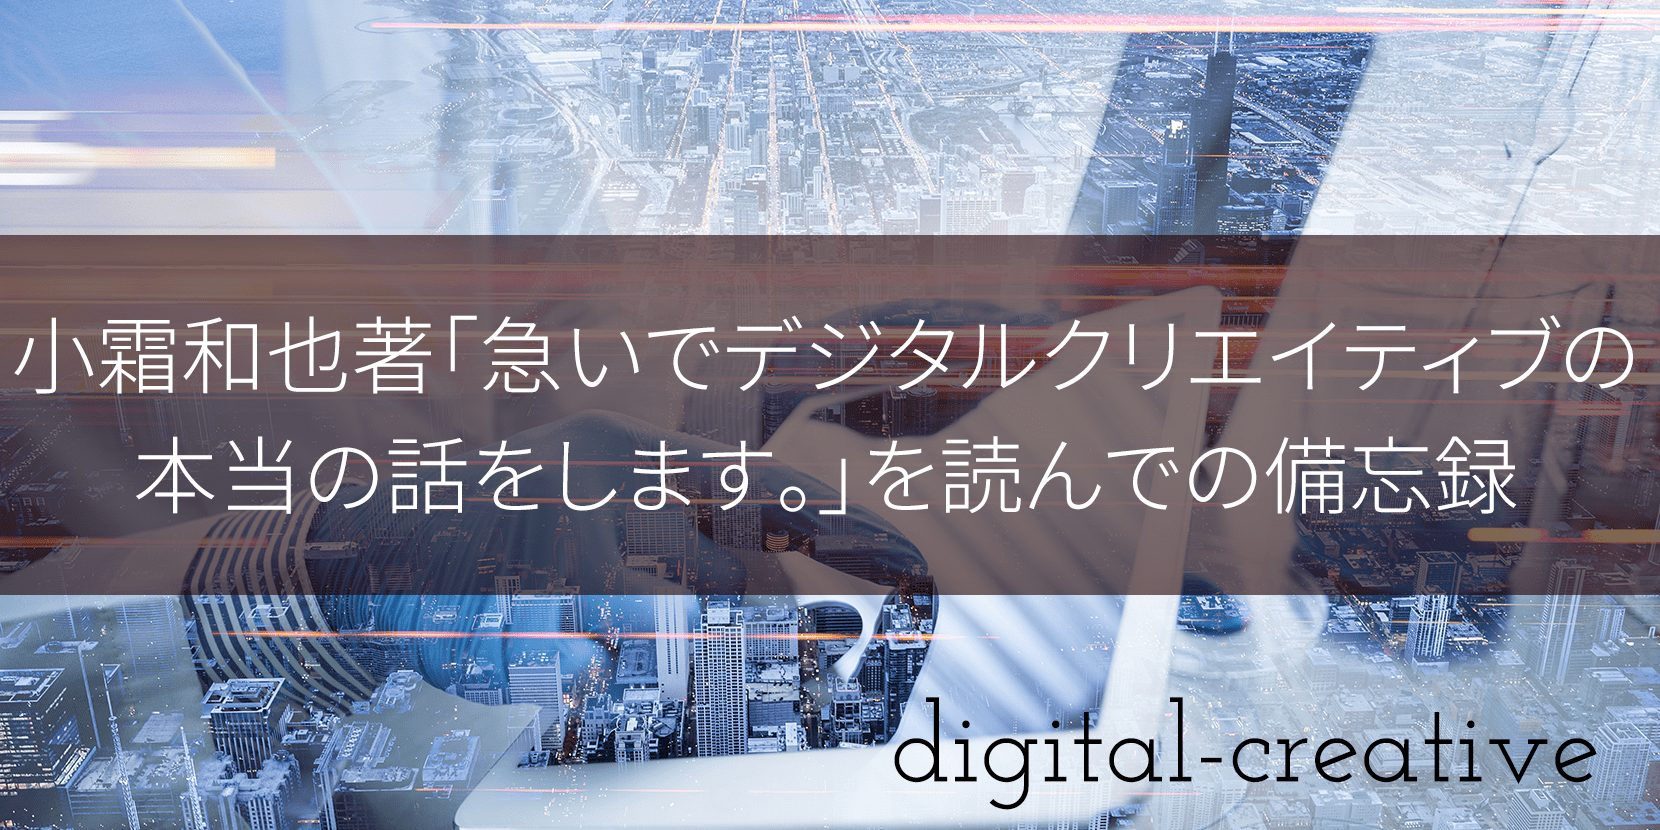 小霜和也著「急いでデジタルクリエイティブの本当の話をします。」を読んでの備忘録